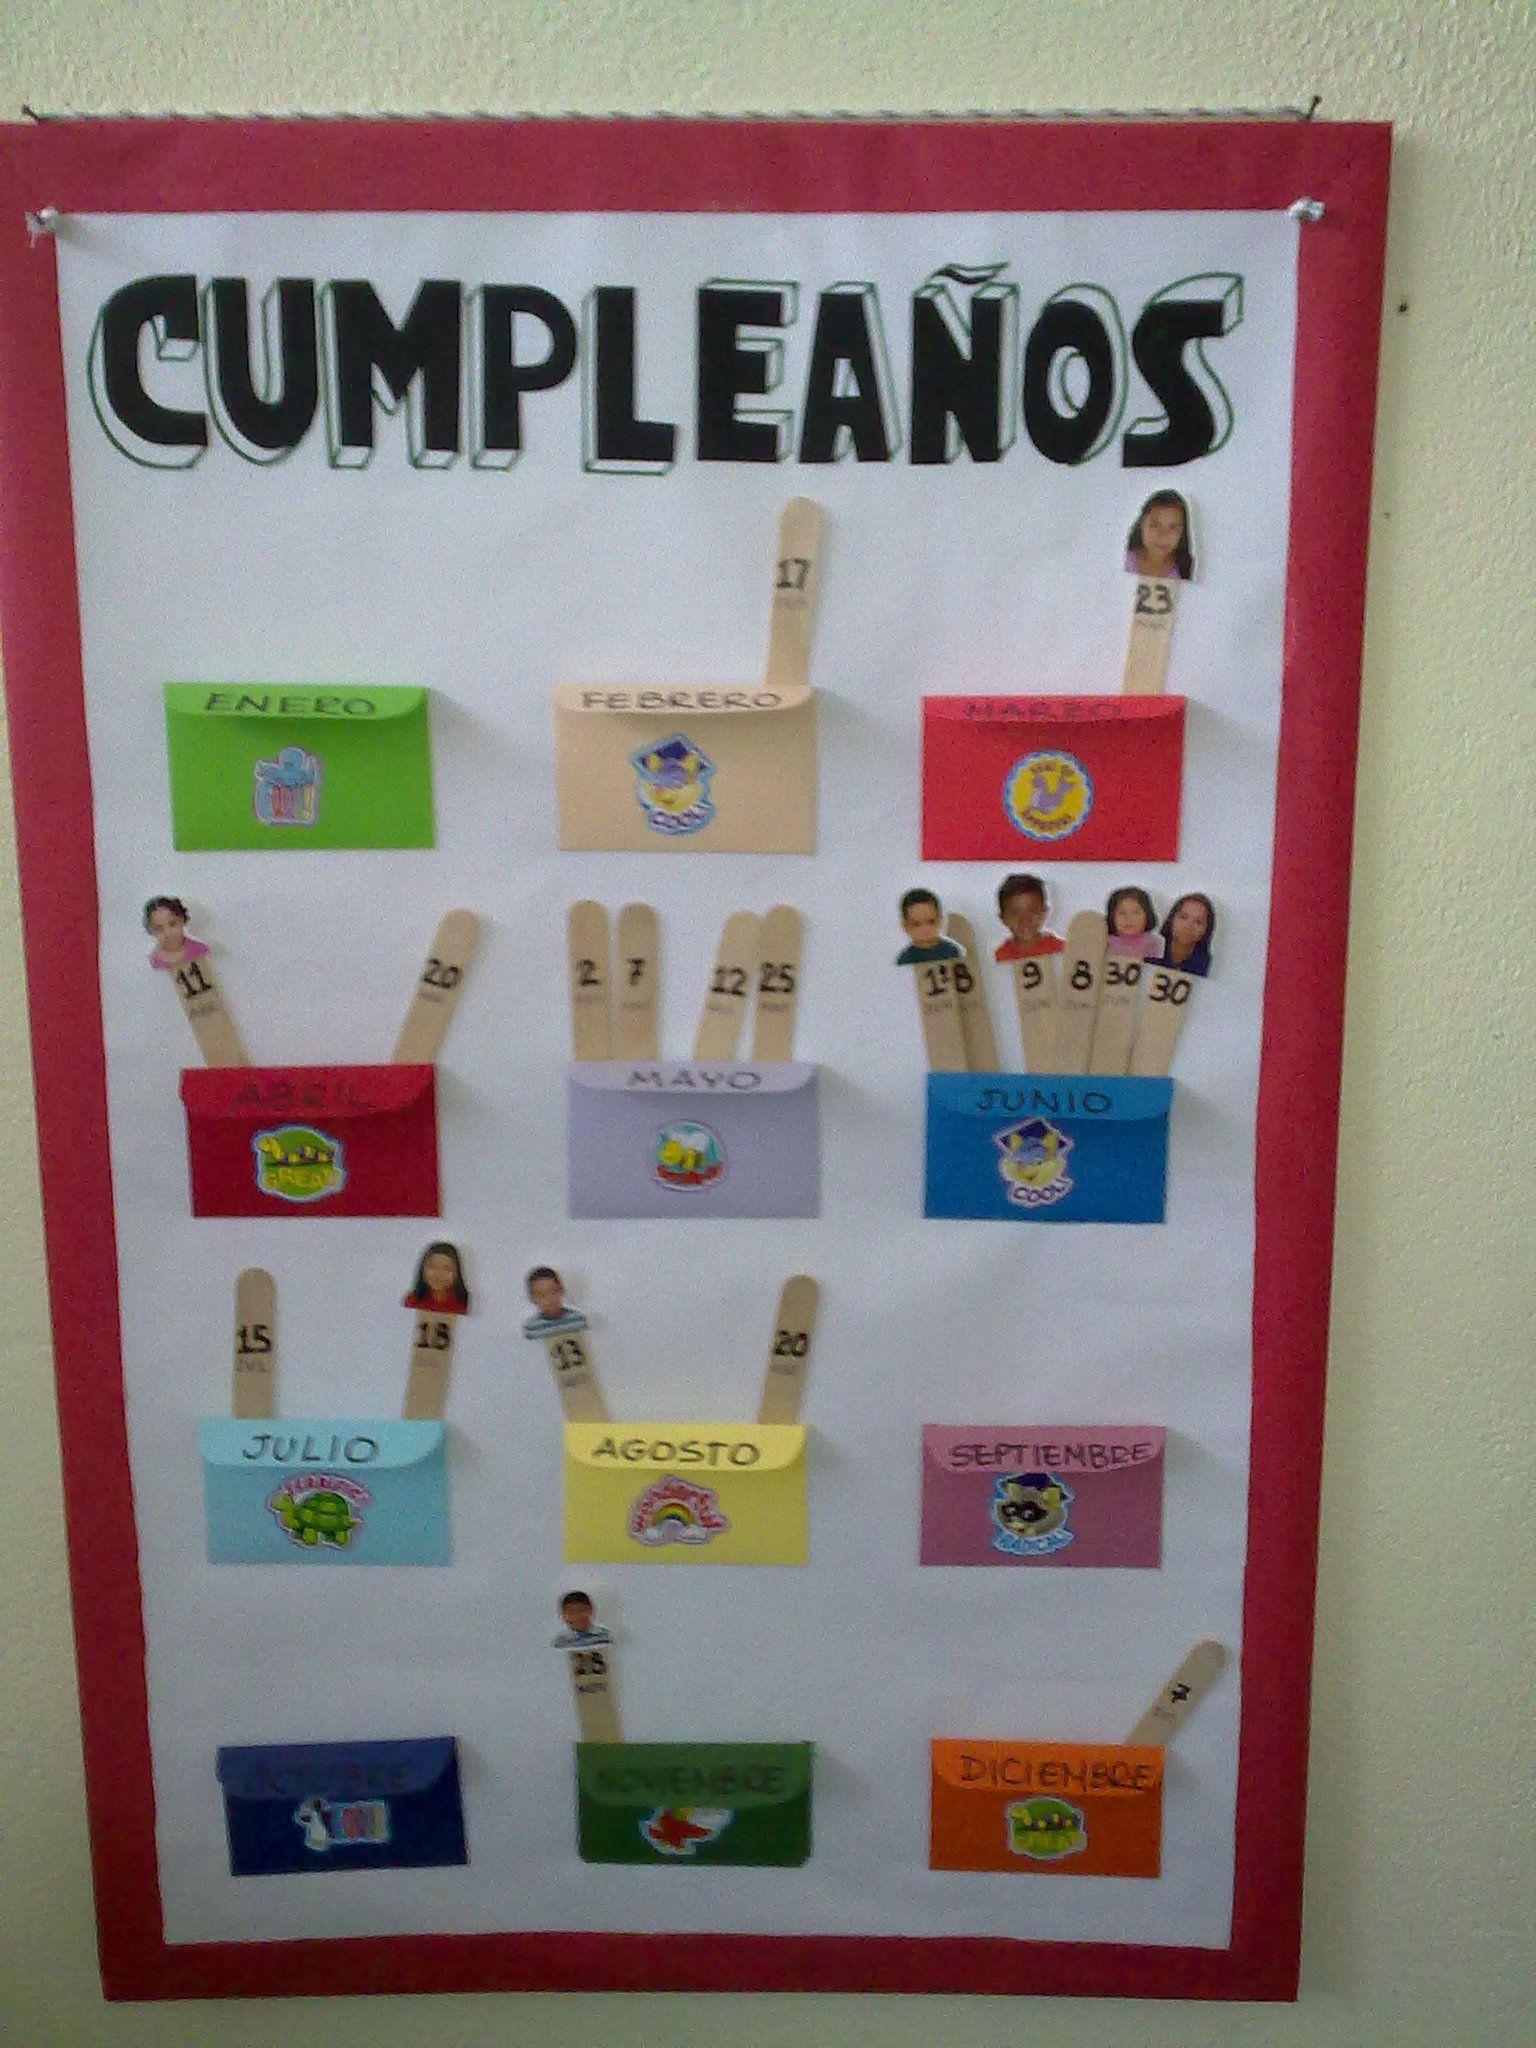 Cartelera para los cumplea os con las fotos de los ni os for Decoracion salas jardin de infantes